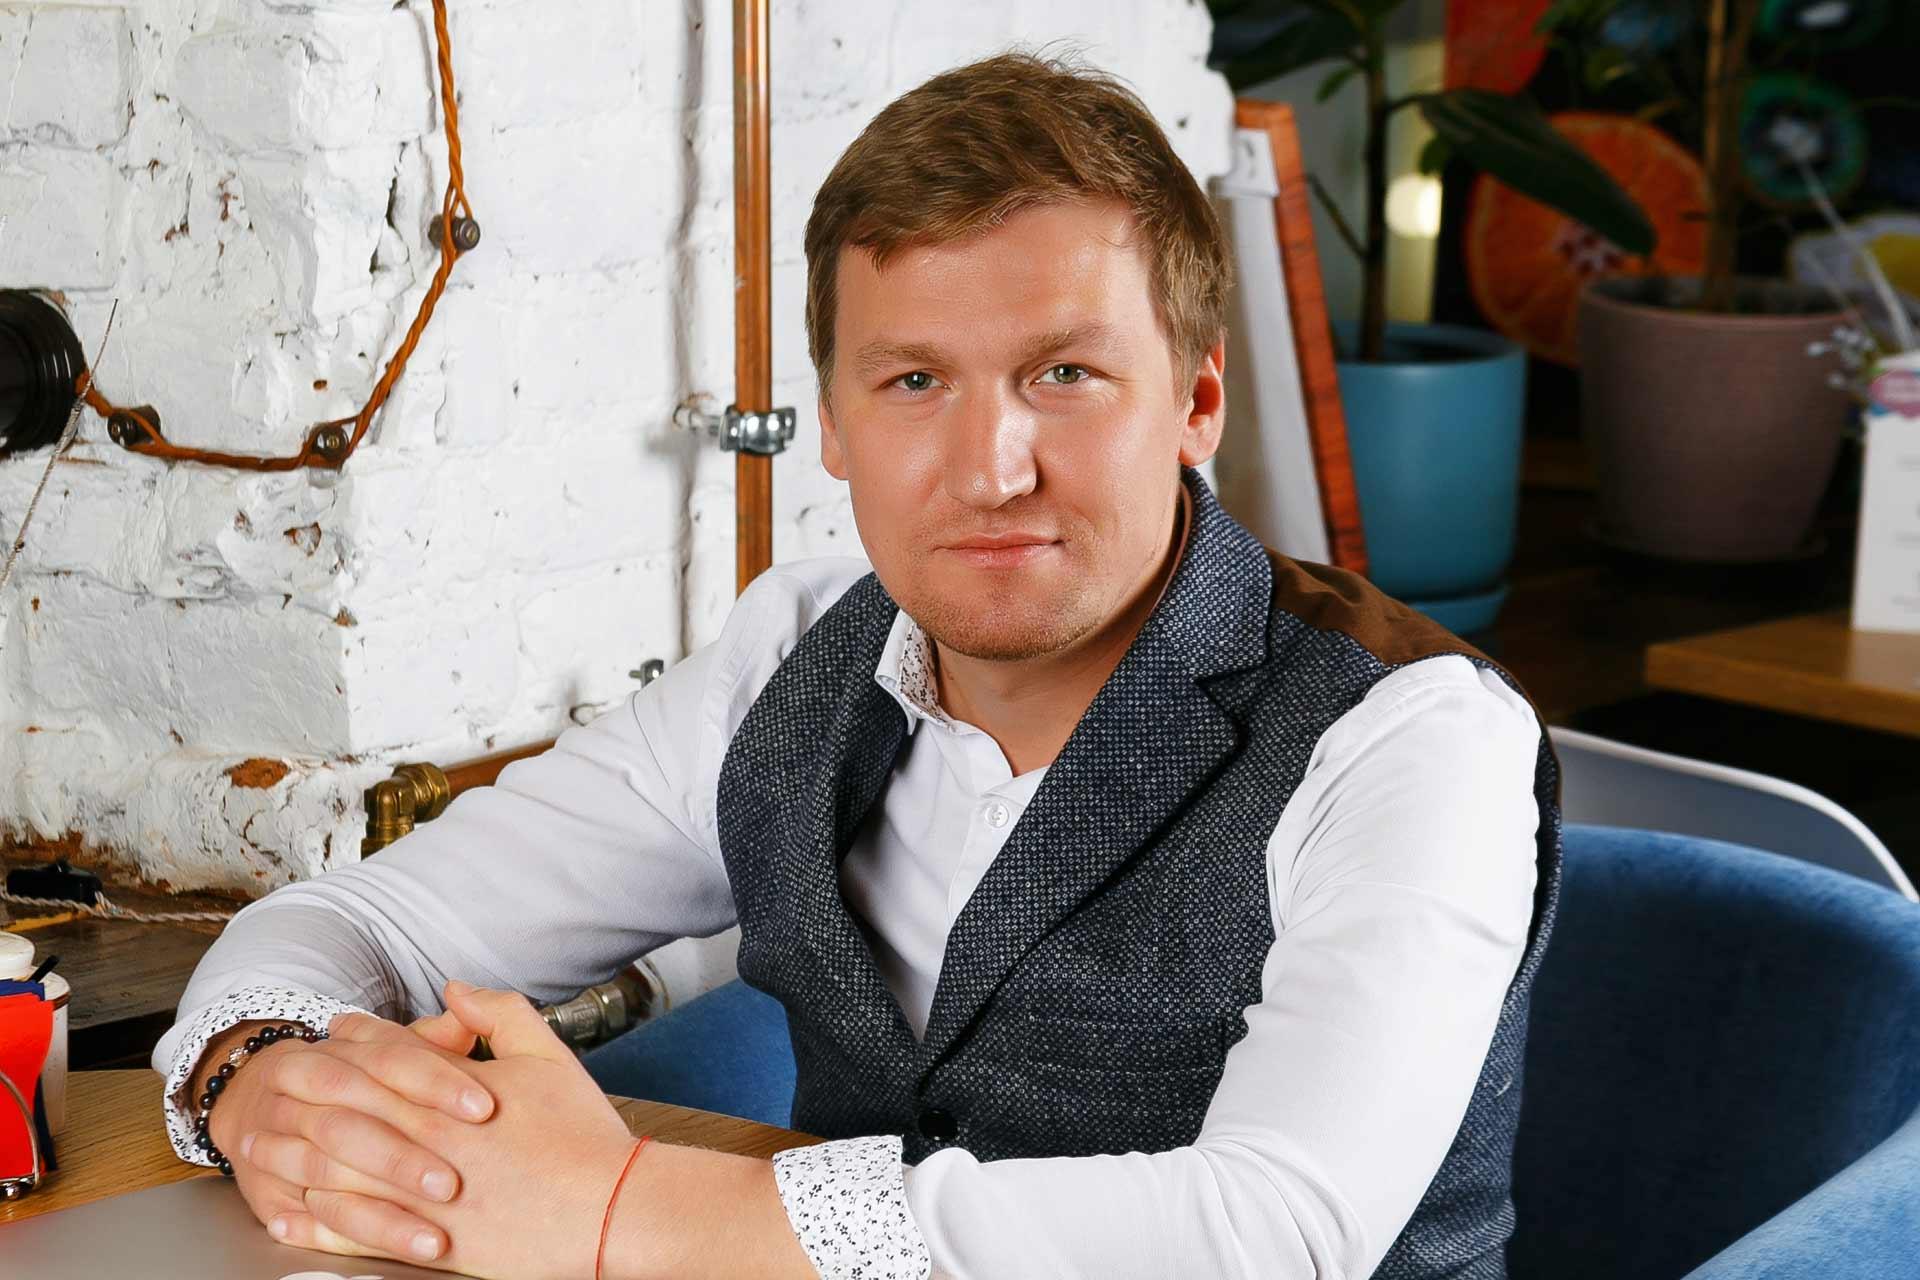 Иван Квасов — ресторатор и основатель сети кофеен STORIES, которые славятся печатью фотографий на кофейной пенке